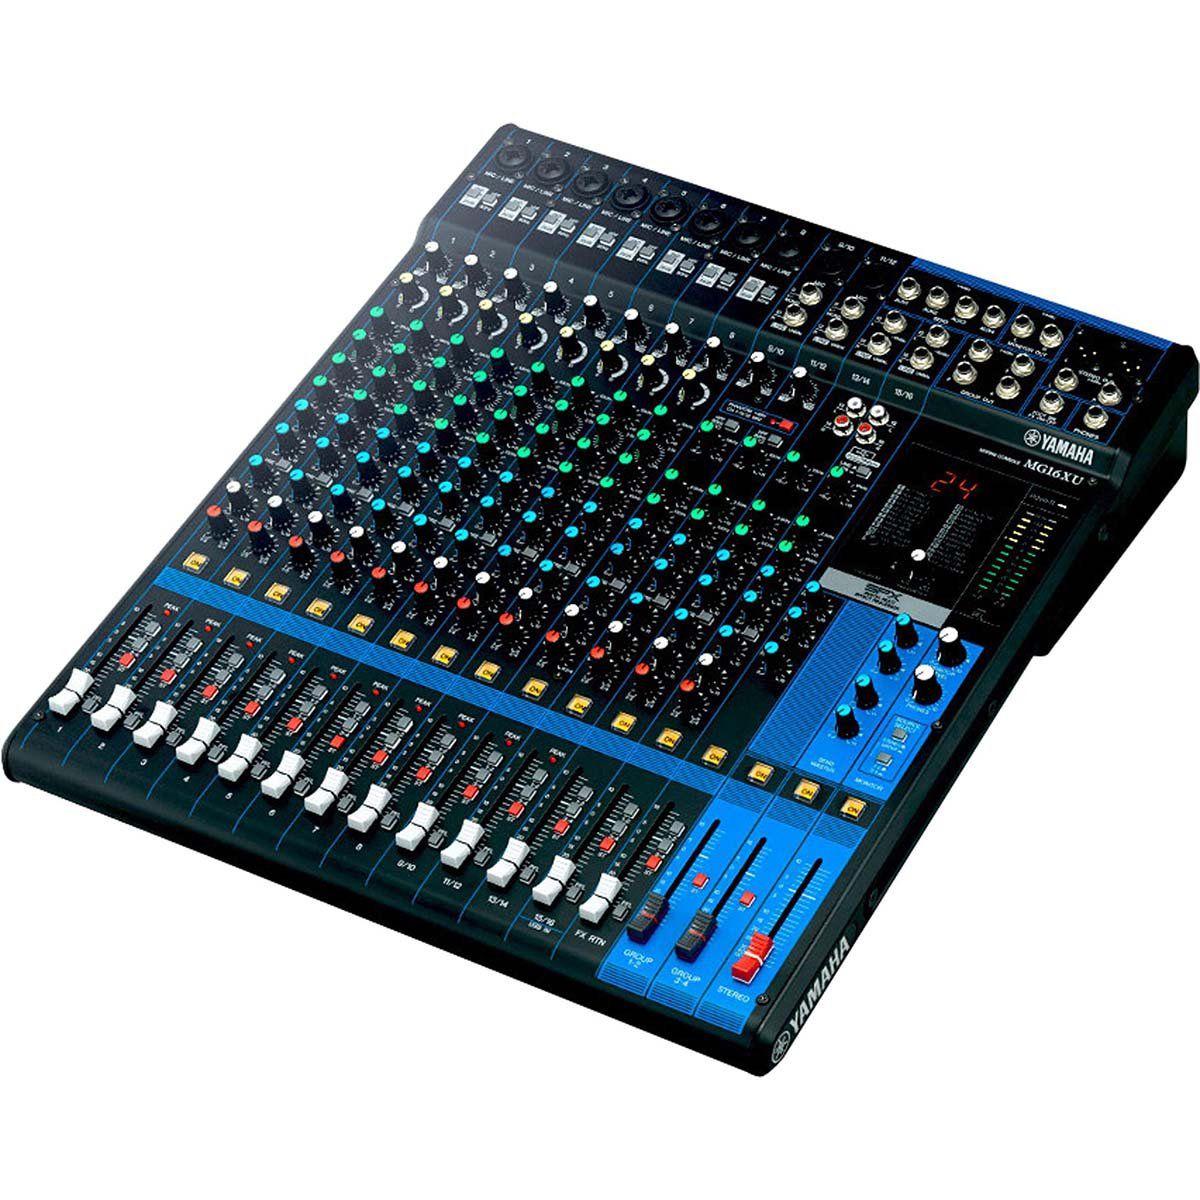 Yamaha MG16XU Mesa de Som MG-16-XU 16 Canais Analógica para Mixagem Profissional